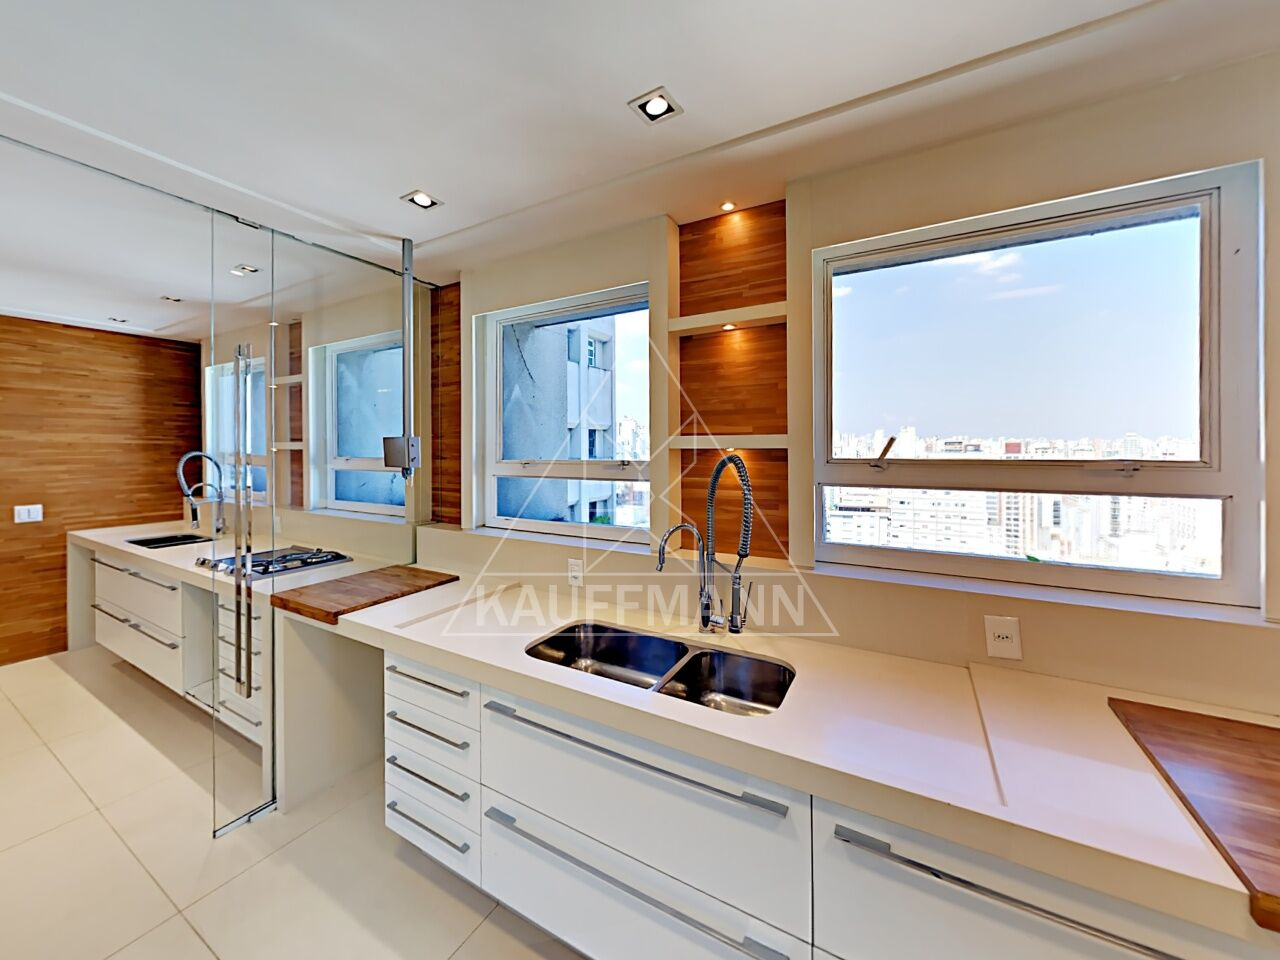 apartamento-venda-sao-paulo-jardim-america-regency-6dormitorios-6suites-7vagas-1099m2-Foto45